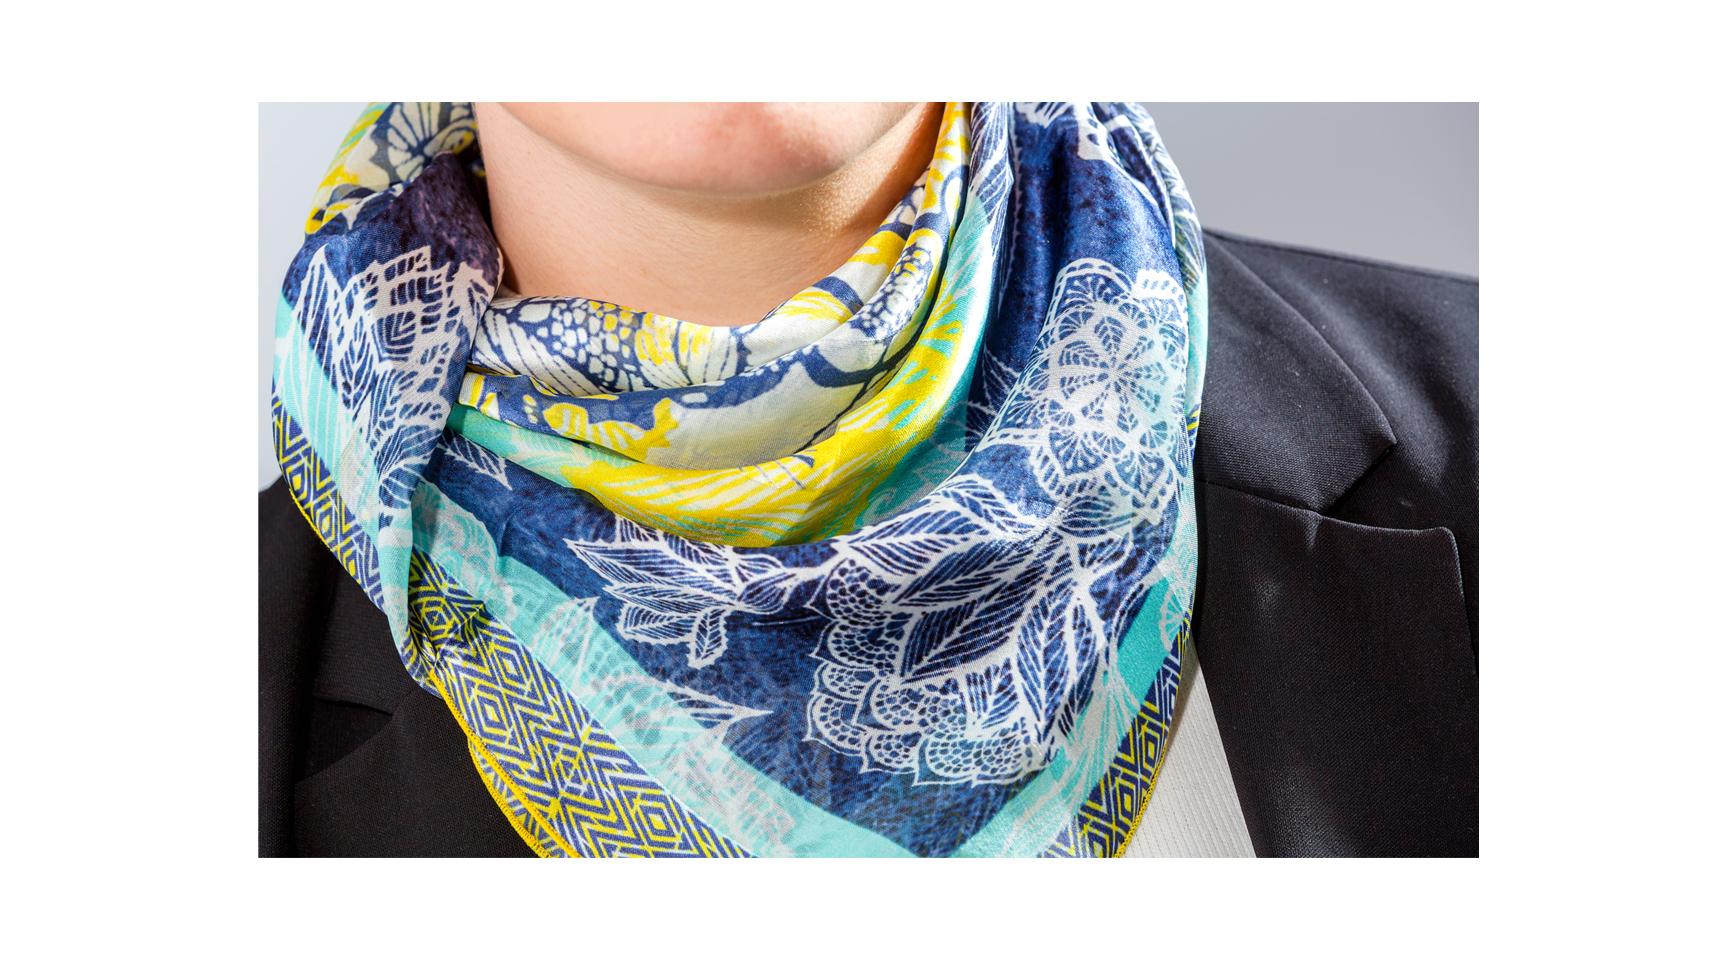 foulard en soie made in France porté en triangle autour du cou